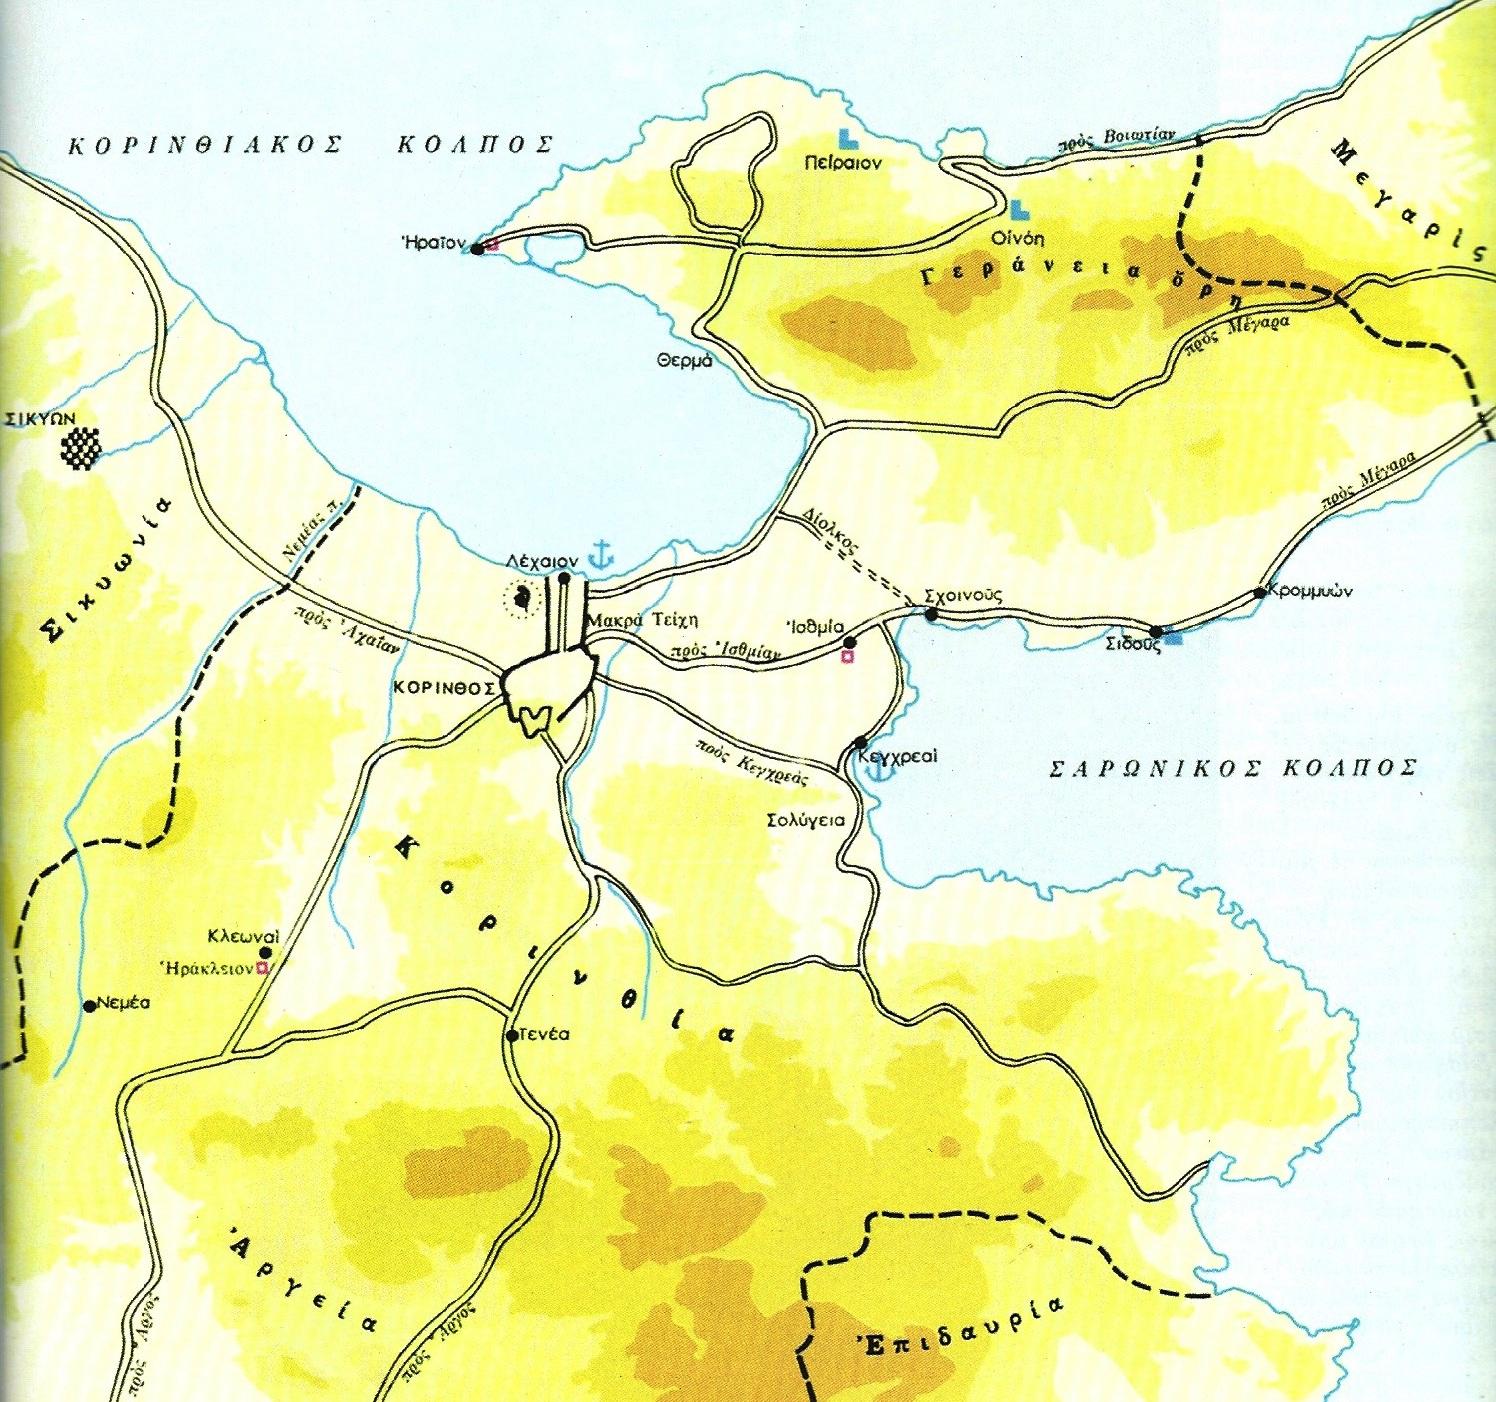 Μια από τις ωραιότερες φωτογραφίες από τους χάρτες της περιοχής του Λεχαίου στον Κορινθιακό Κόλπο